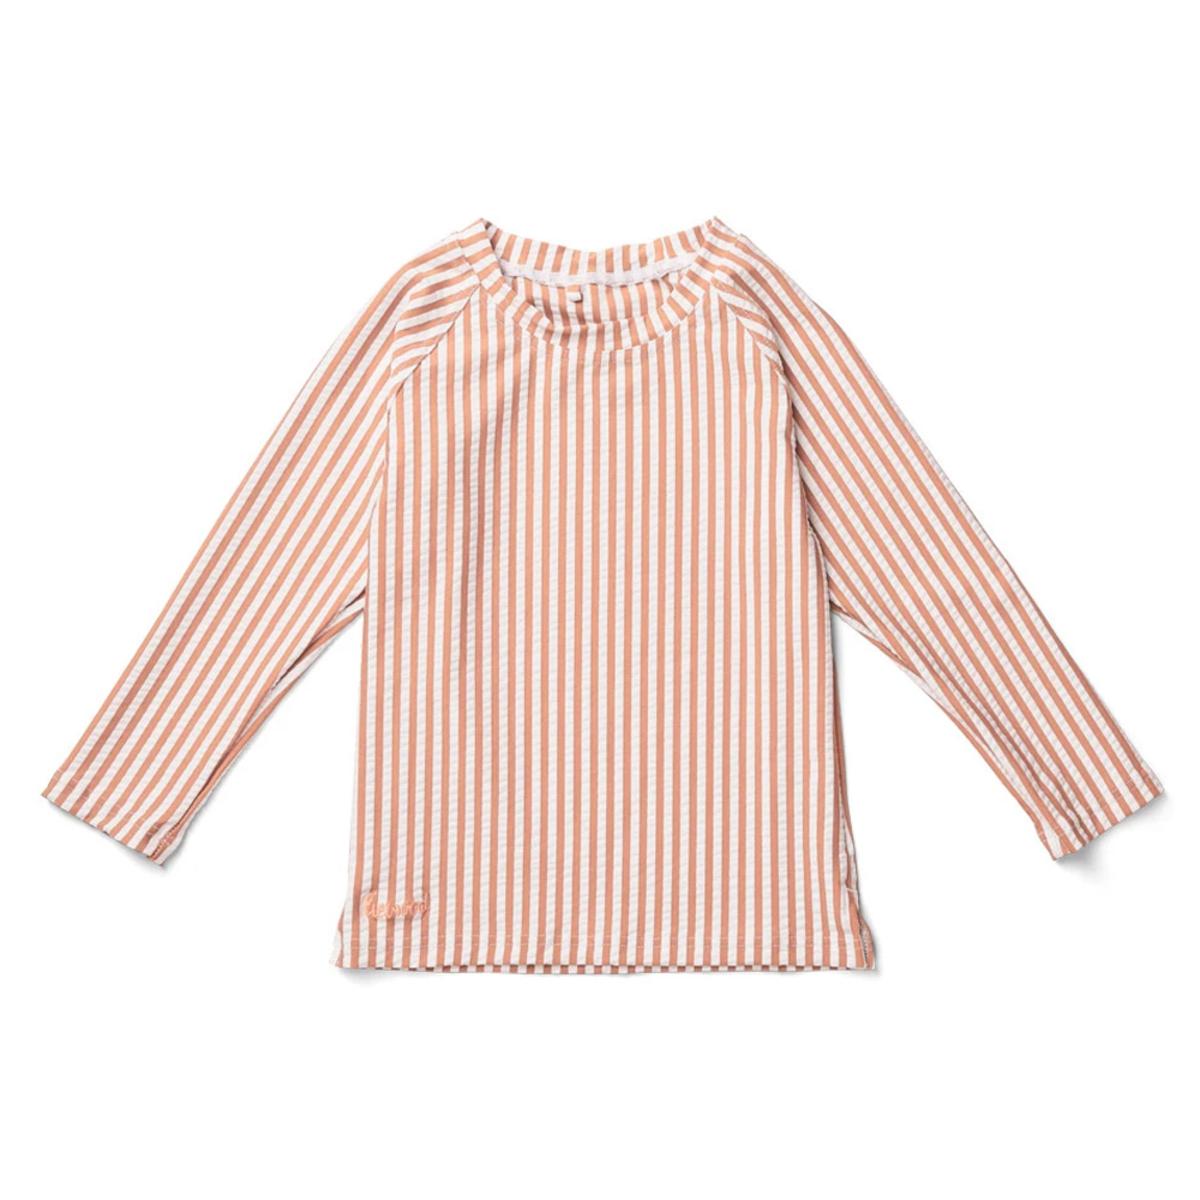 Accessoires bébé Tee-Shirt Noah Coral Blush et Crème de la Crème - 3/9 Mois Tee-Shirt Noah Coral Blush et Crème de la Crème - 3/9 Mois